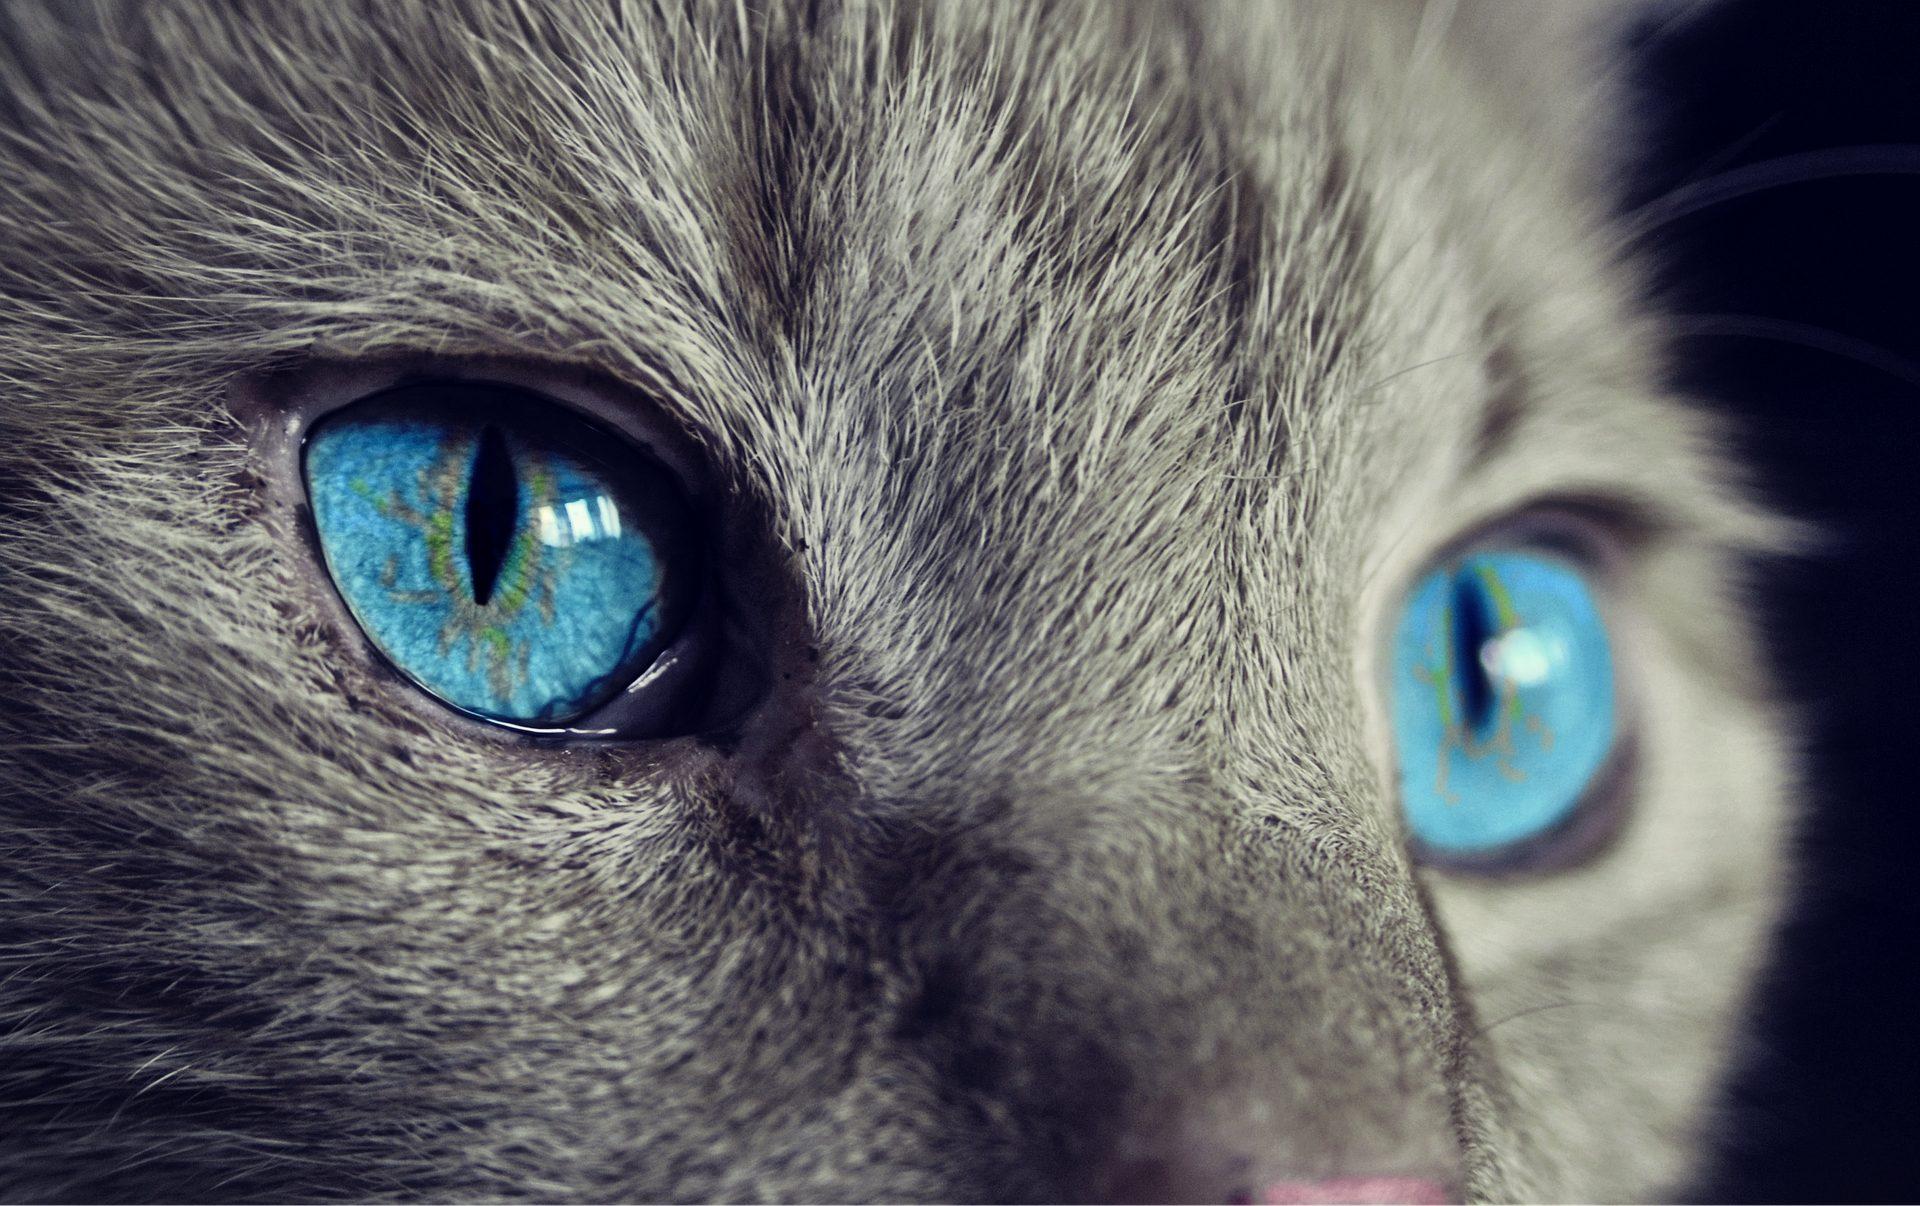 Nahaufnahme einer Katze mit blauen Augen